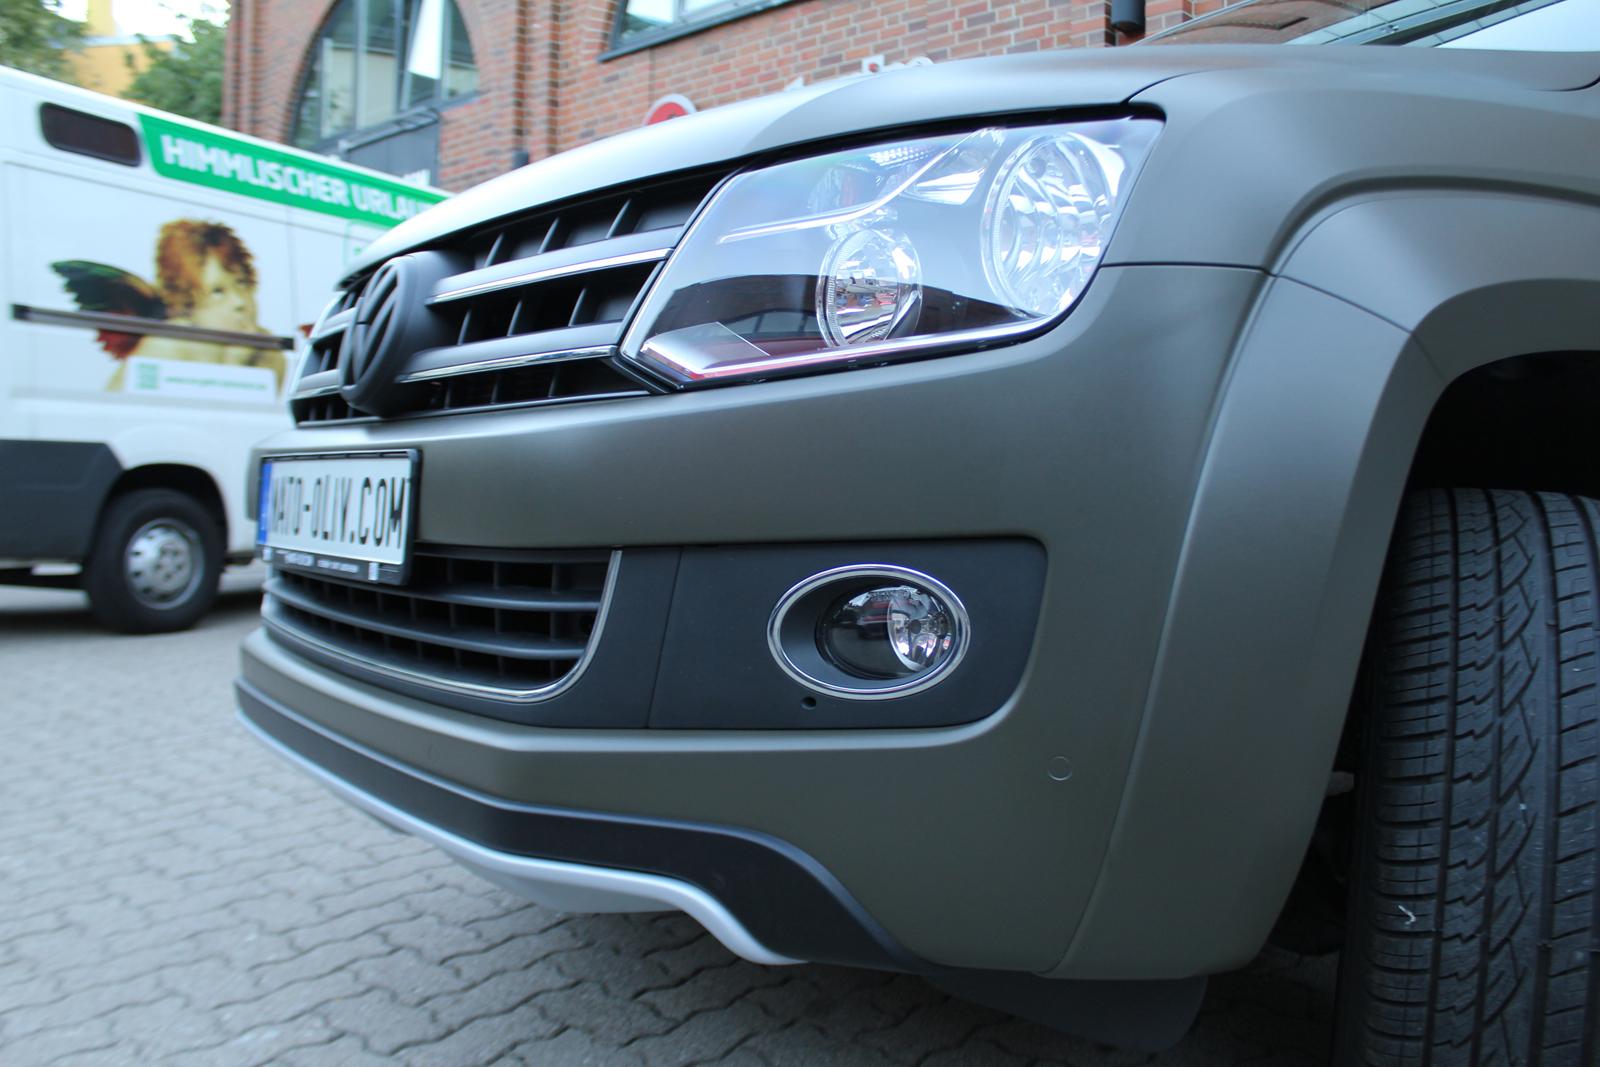 VW_AMAROK_FOLIERUNG_NATO-OLIV_MATT_BESCHRIFTUNG_10